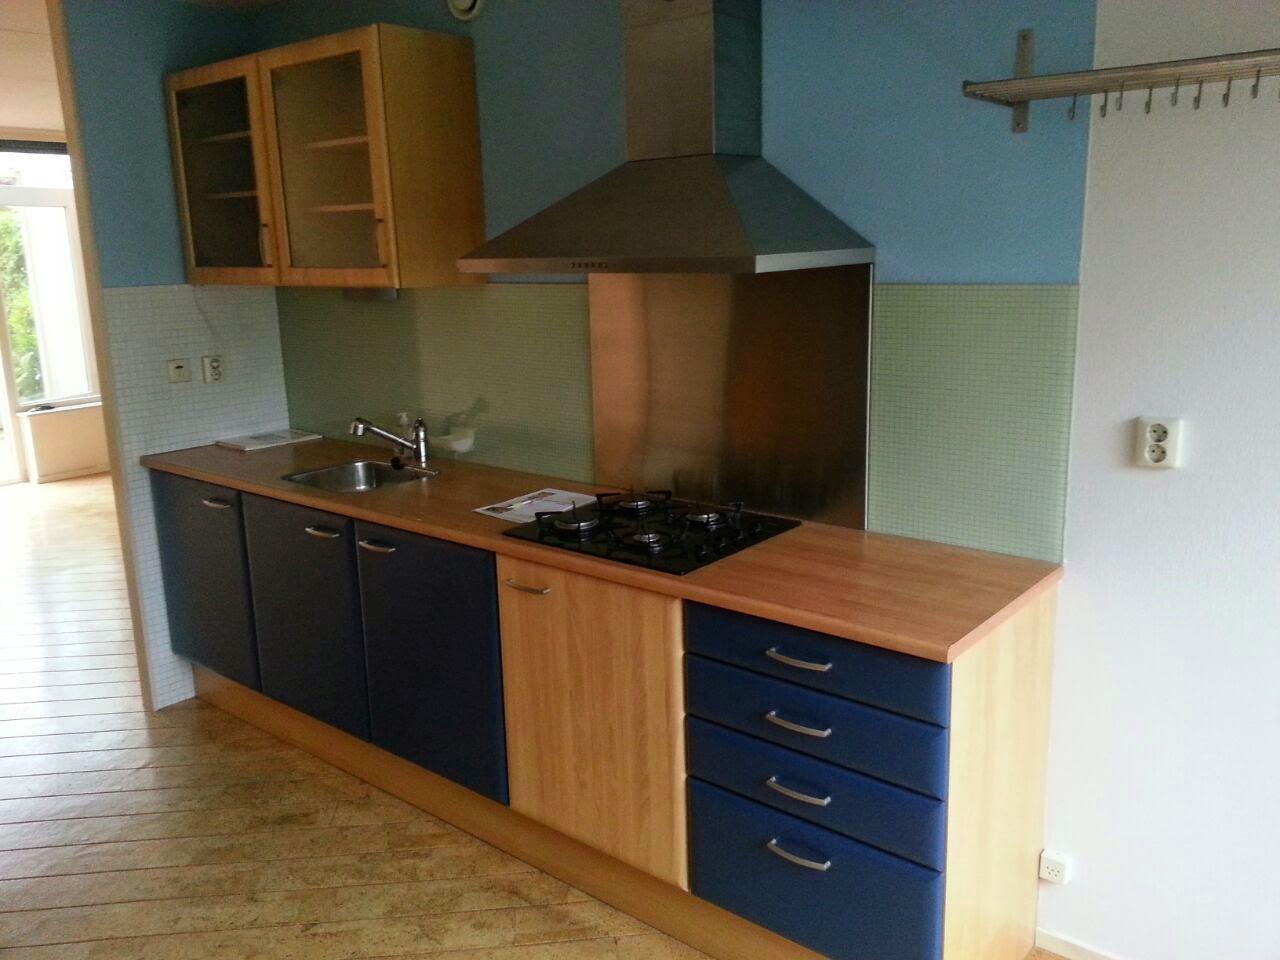 Zwart Grijs Keuken : Nieuw grijze keuken met zwart blad keukenidee n elegant van